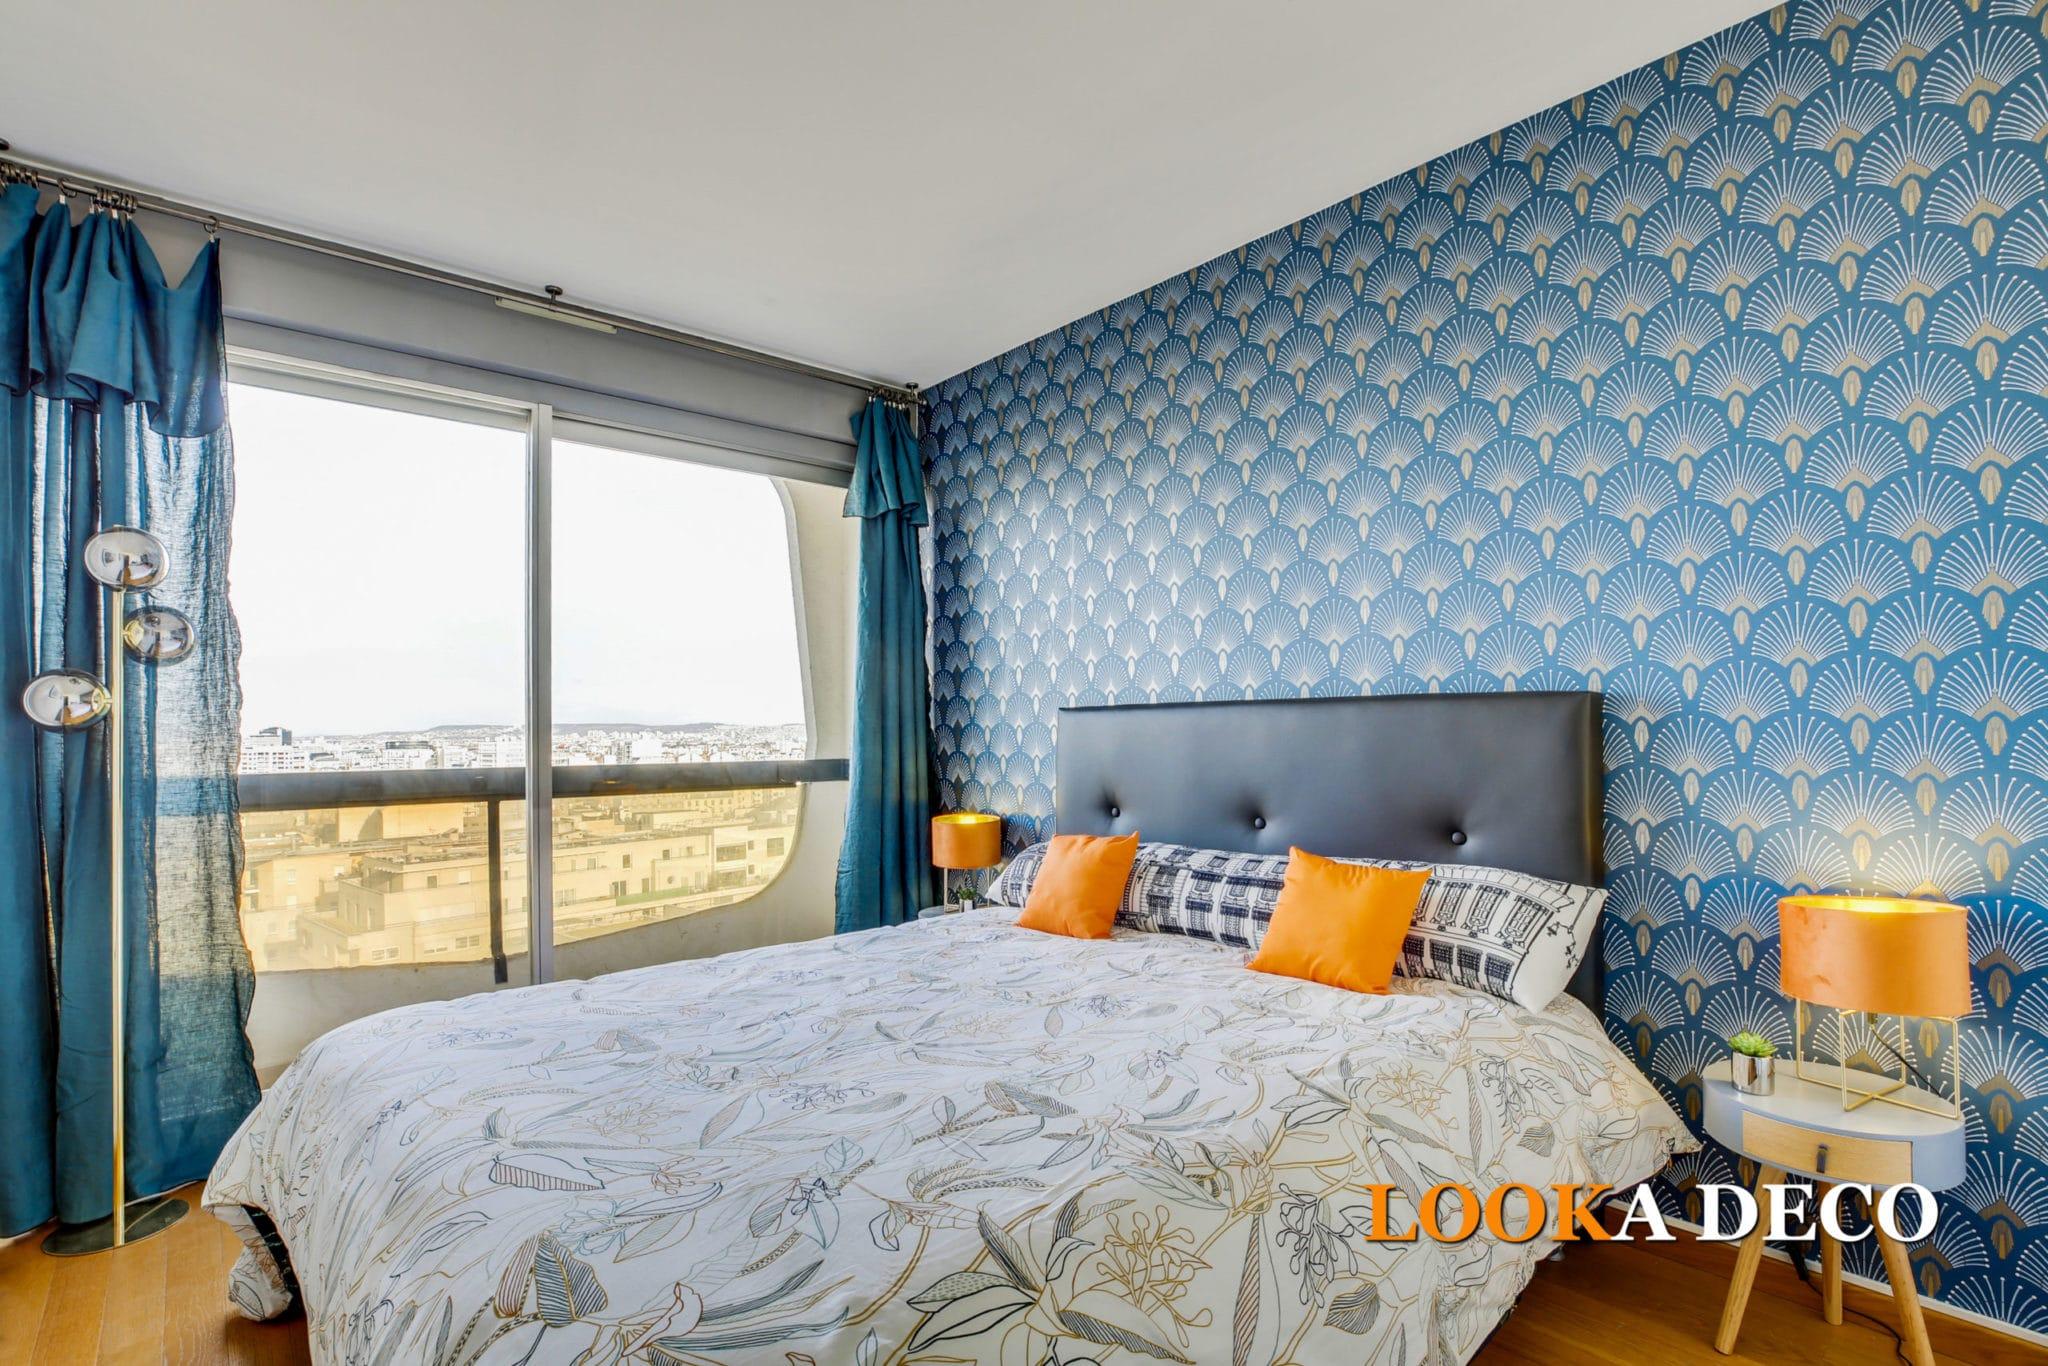 Rénovation et décoration haut de gamme pour location touristique d'un 4 pièces de 82 m2 | Courbevoie (92)